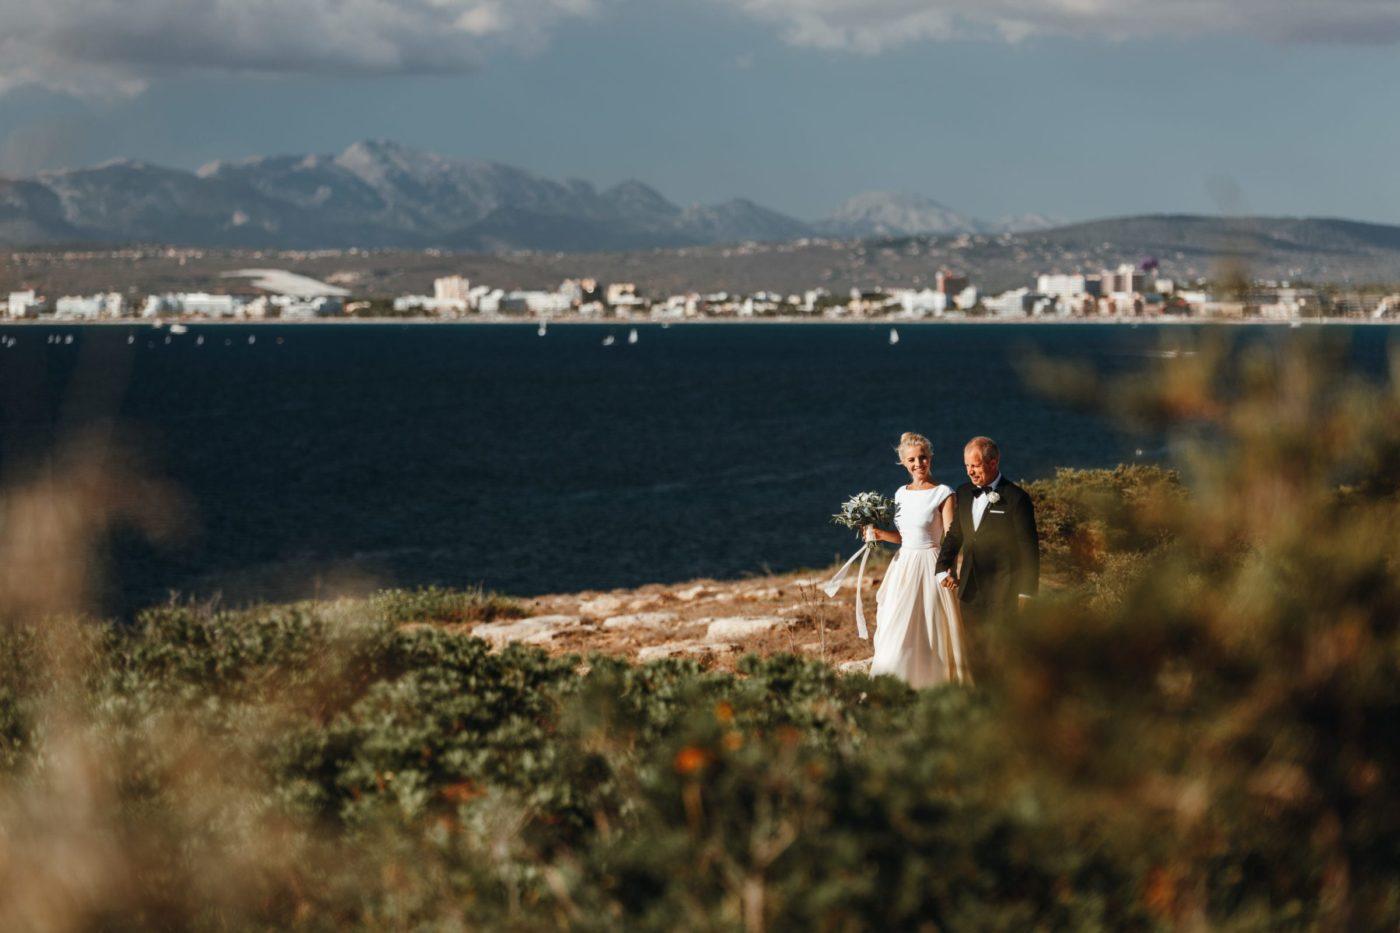 Die Braut mit ihrem Vater auf dem Weg zur freien Trauung.